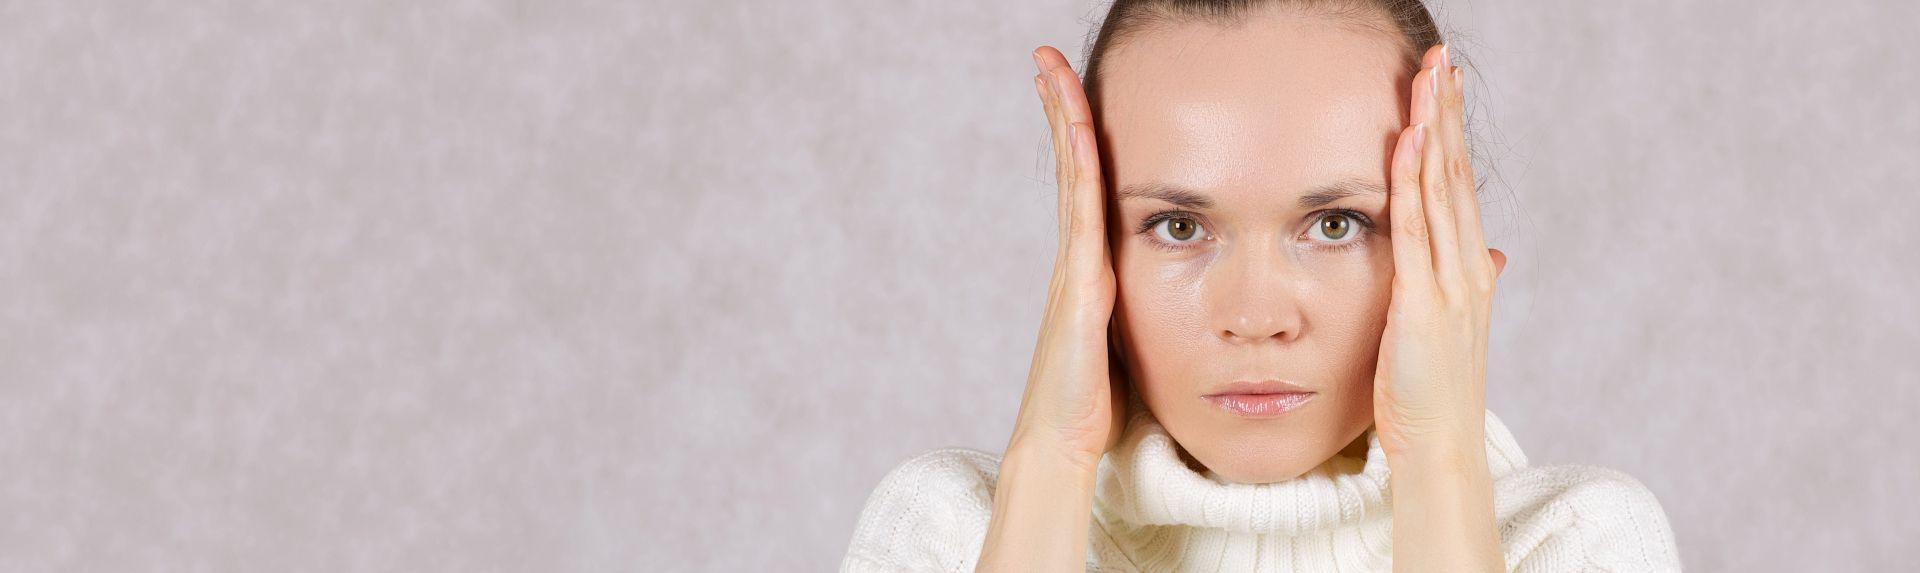 Синдром Фрекен Бок: как справиться с психологическими и психосоматическими проблемами в период менопаузы